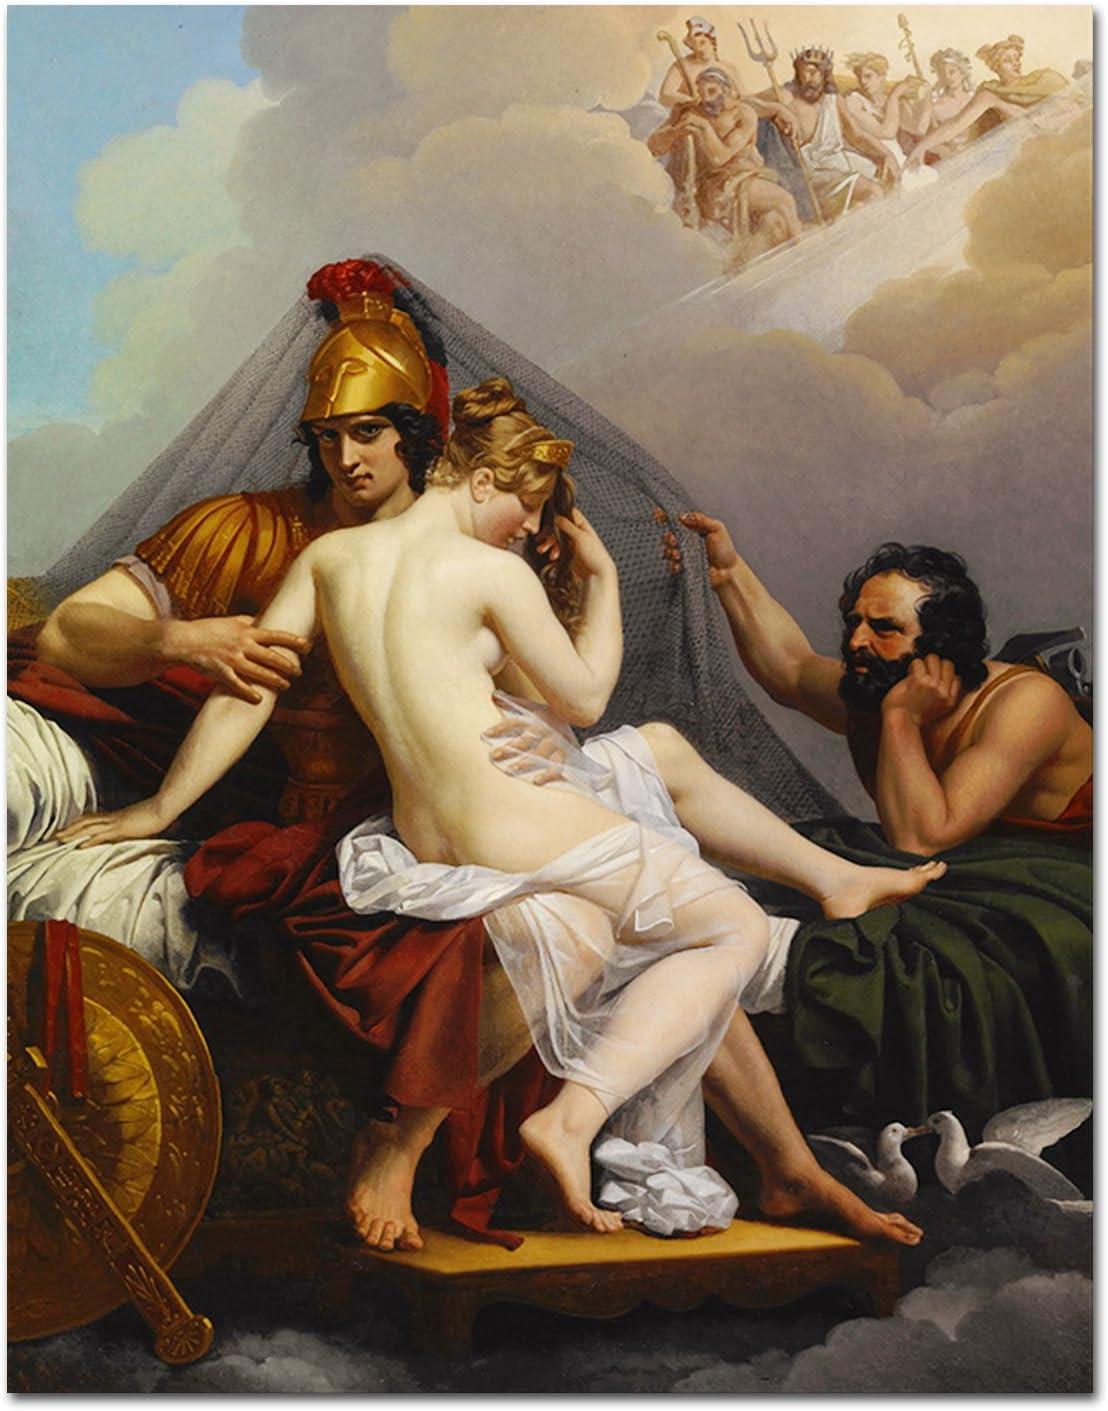 Silaike Famous-Print peinture Ares et Aphrodite capturé Par Hephaestus Décoration murale pour salon Decor No 24 x 32 cm: Amazon.fr: Cuisine & Maison